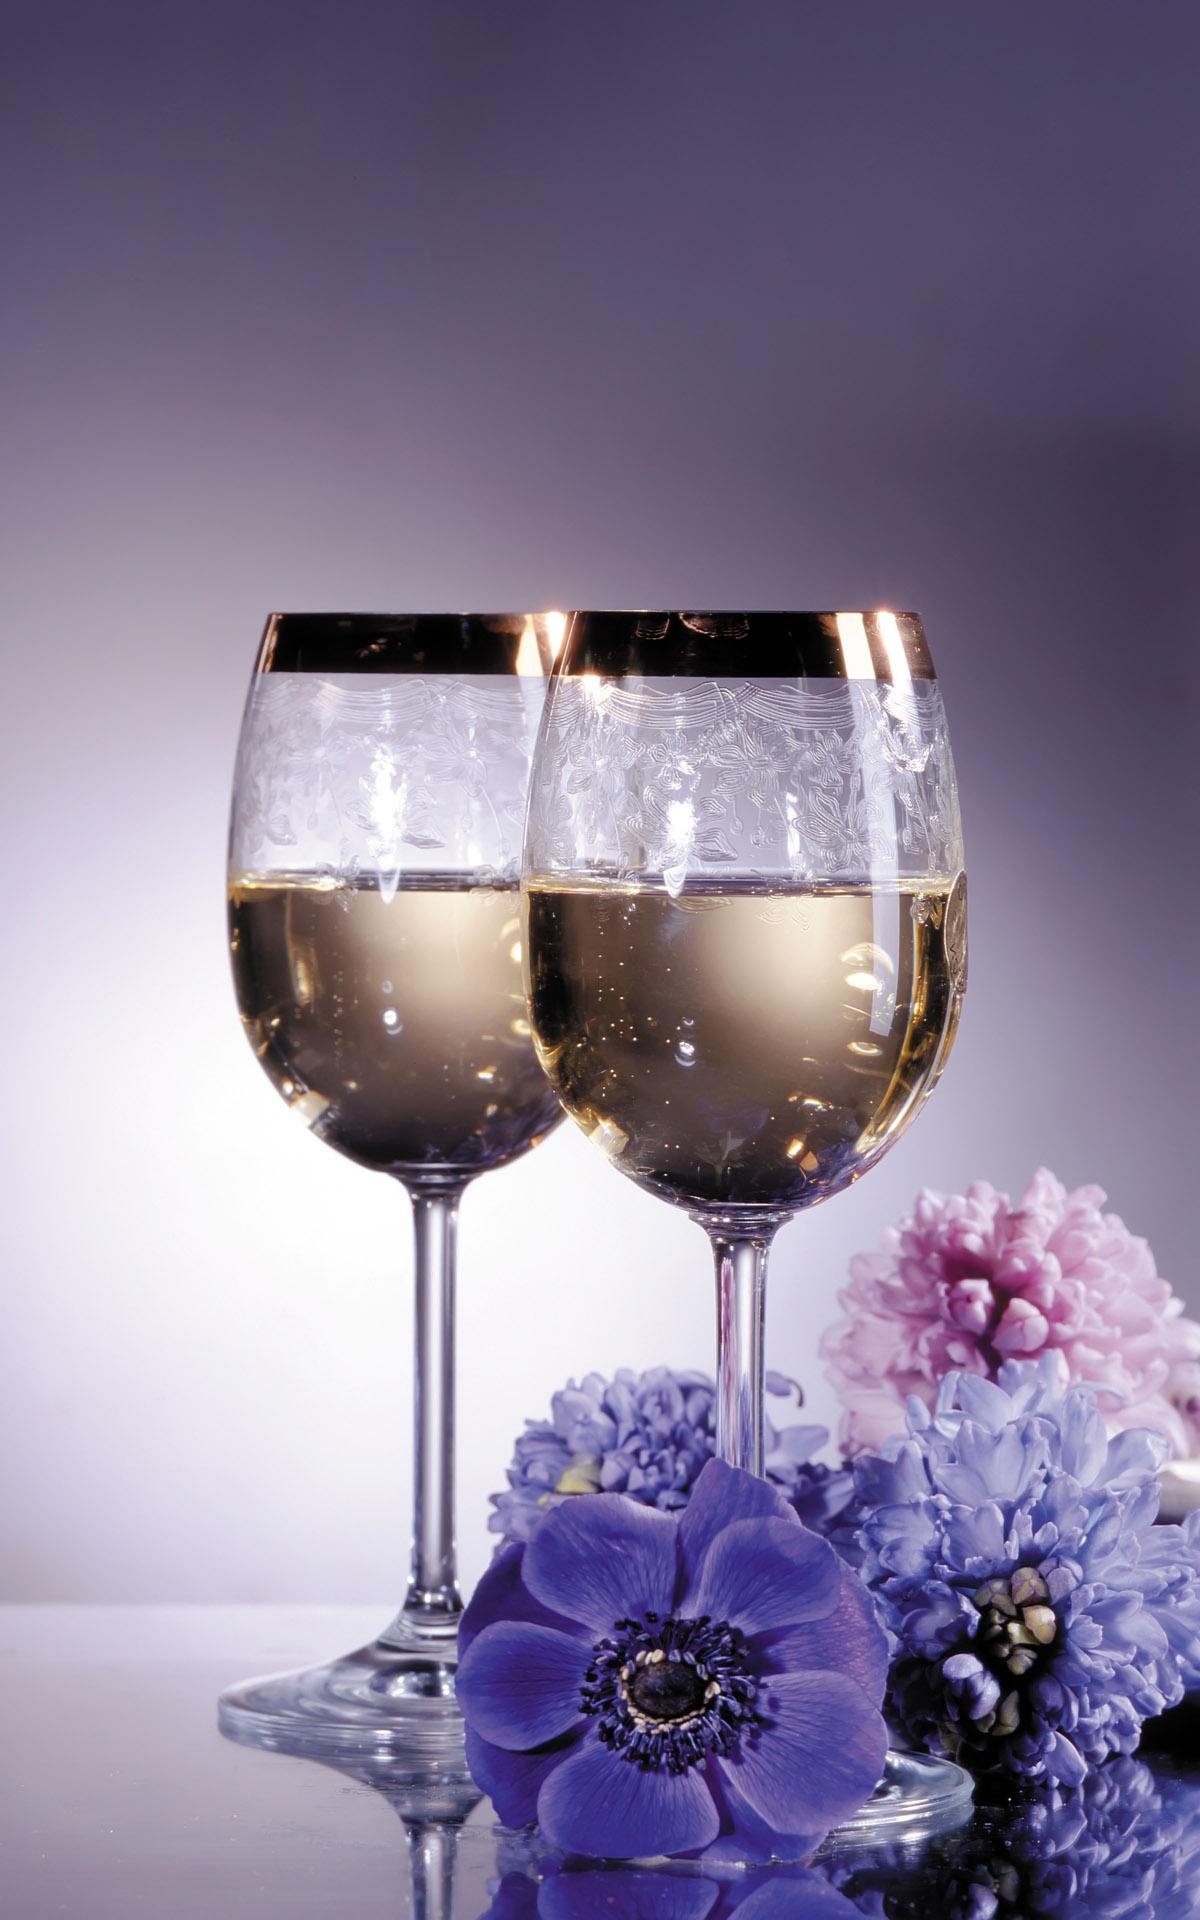 喝酒,喝的是一种心情 - 唐诗三百首 - 雨季不再来